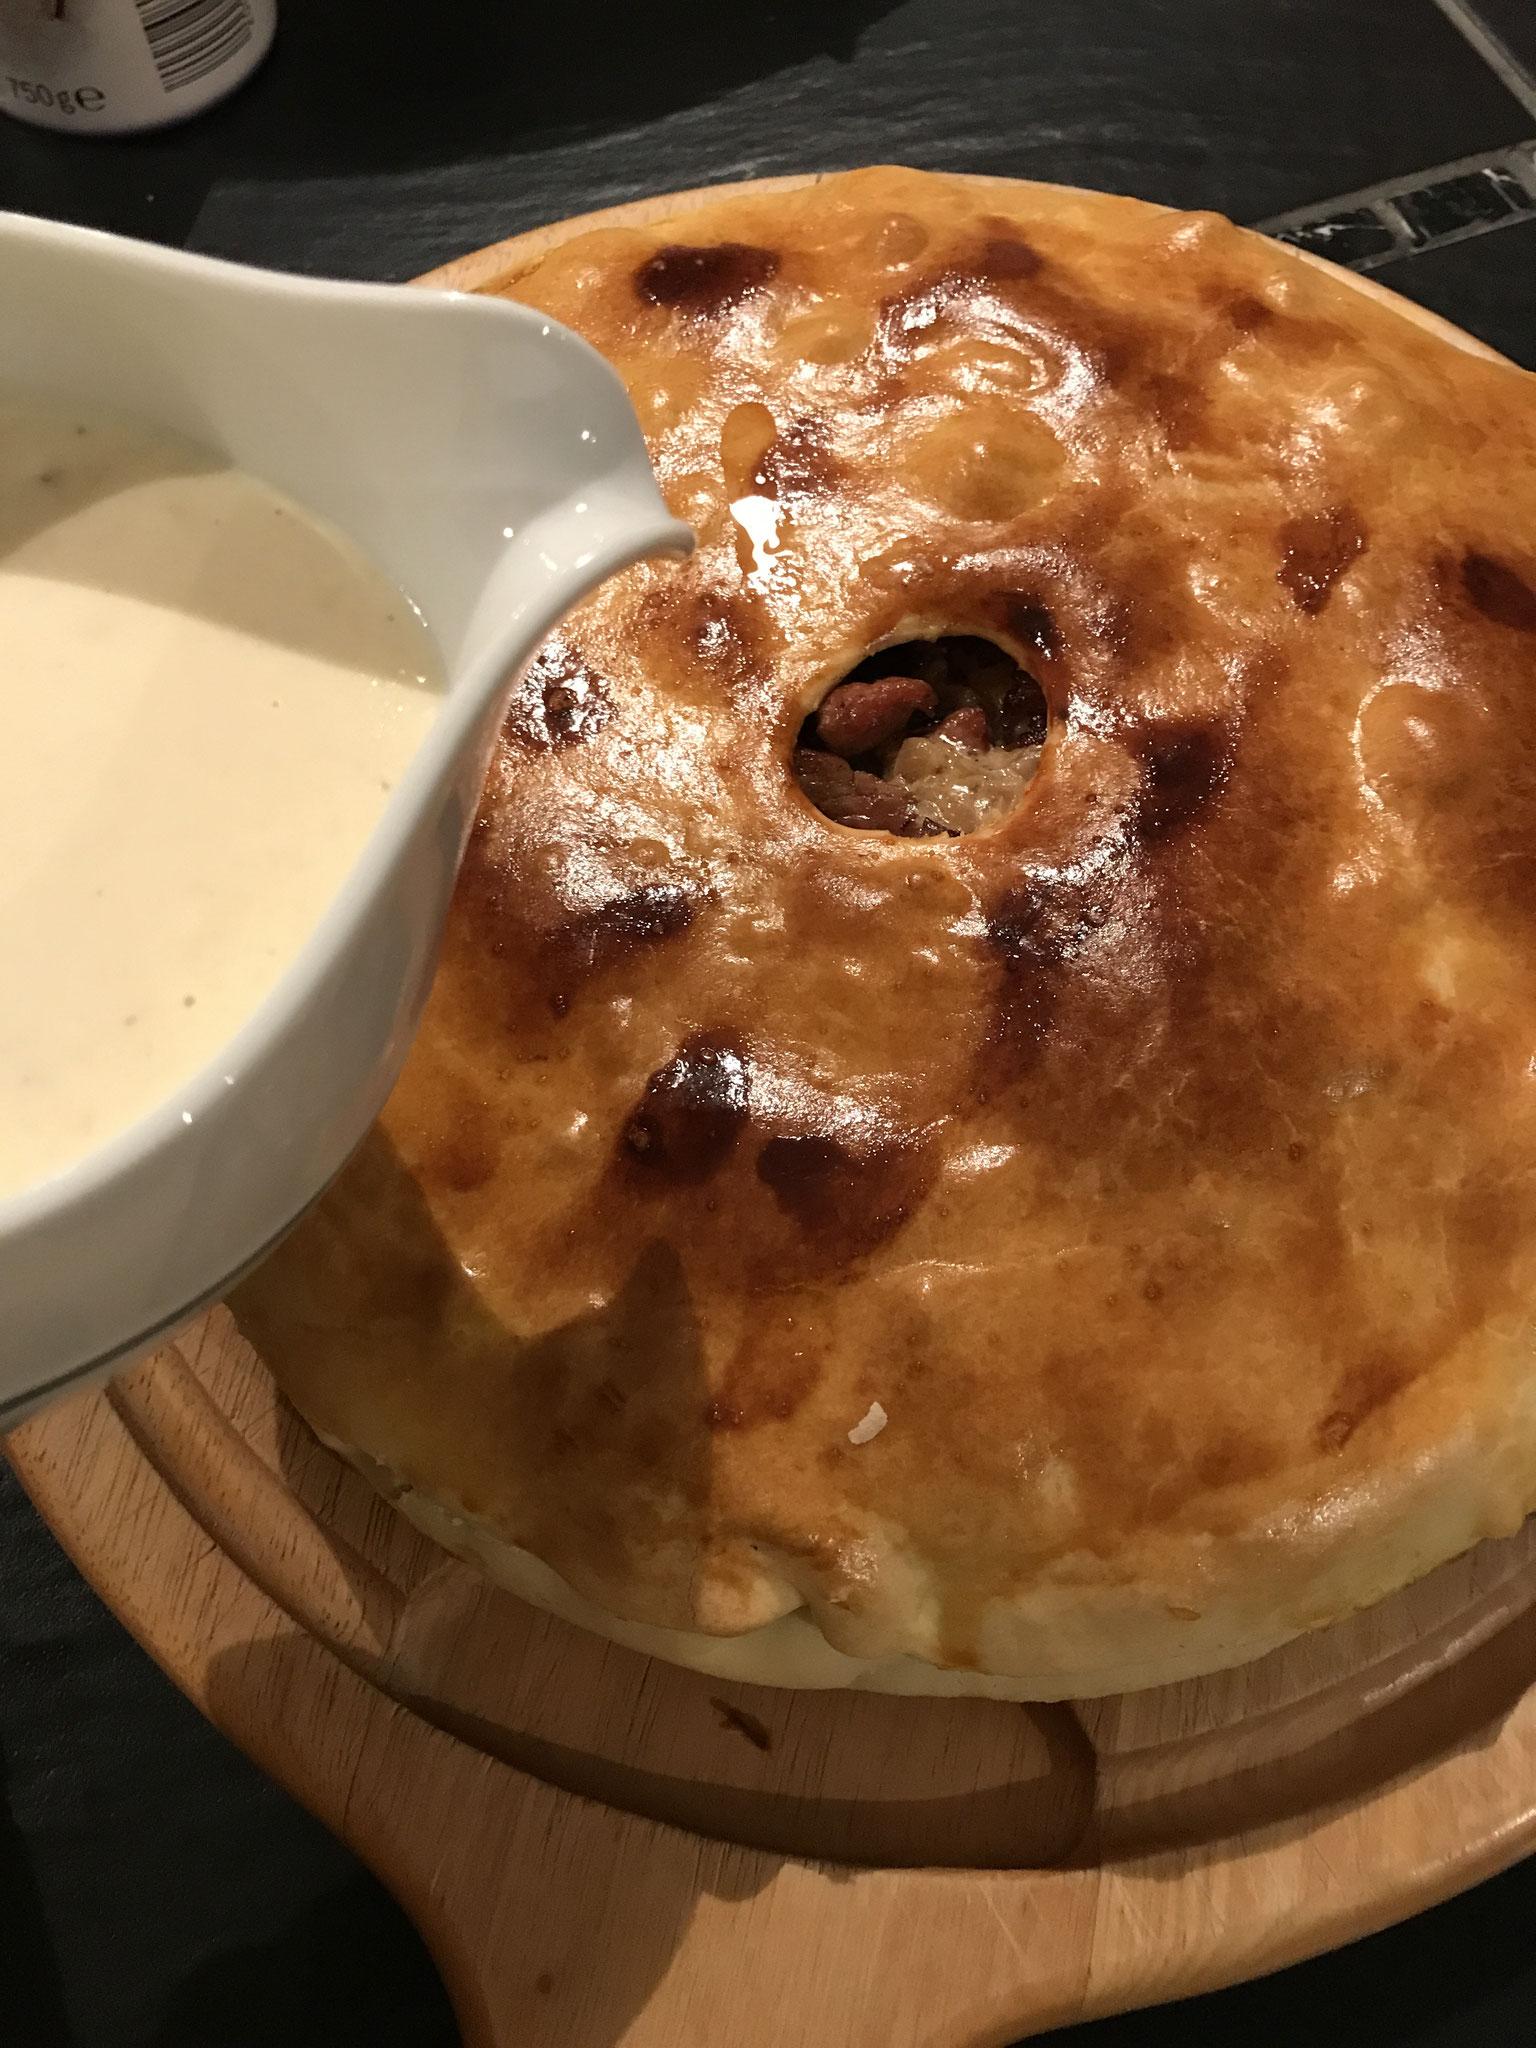 *Variantes : (1) la Gouline accompagné de la sauce au fromage, (2) mettre la sauce sur les rillauds avant cuisson et couvrir avec la deuxième pâte